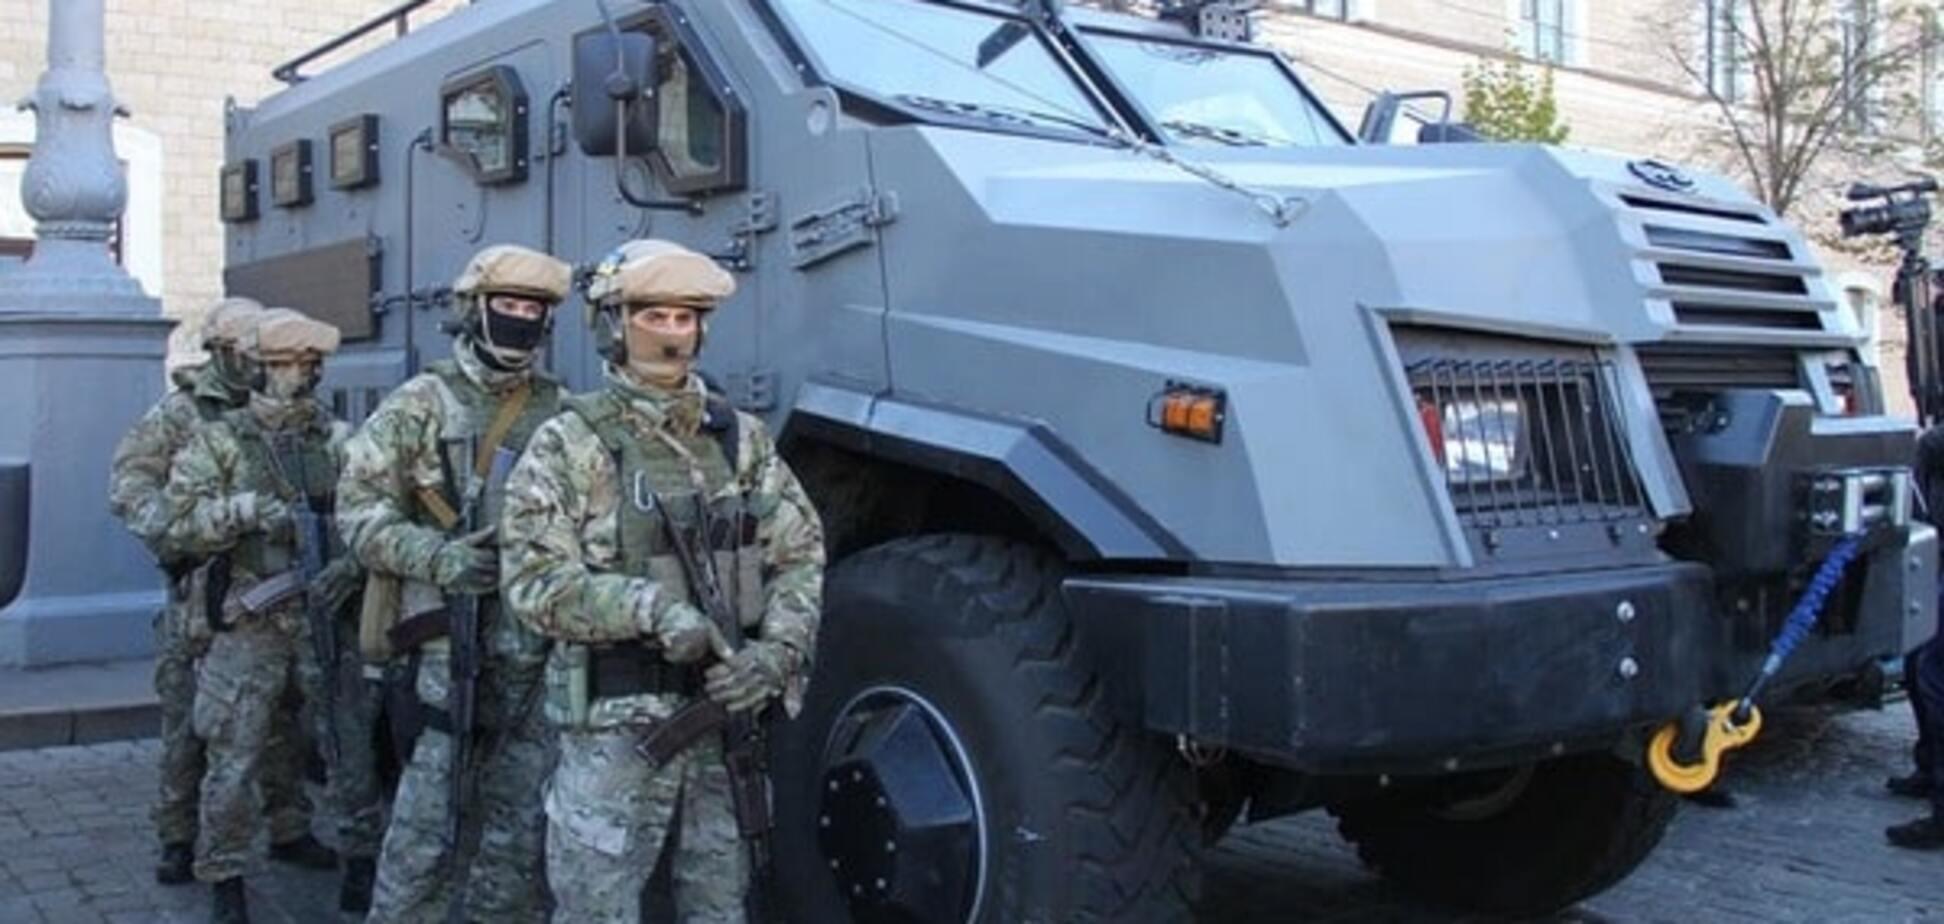 Харьковская полиция получила новый броневик